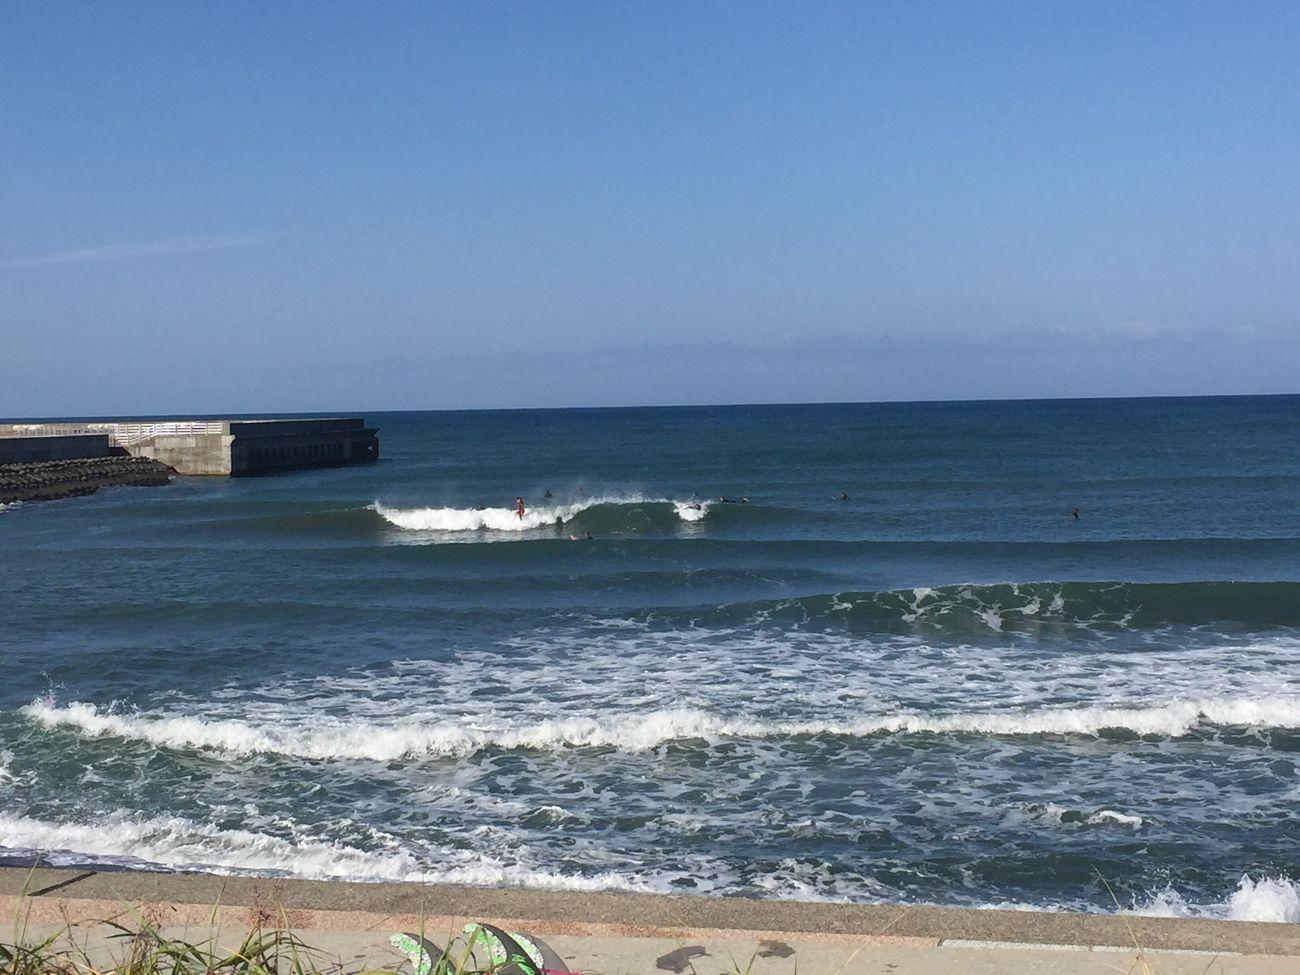 こないだの日本海。たくさんいいの乗れた 日本海 北海道 風が冷たい 楽しい Surfing